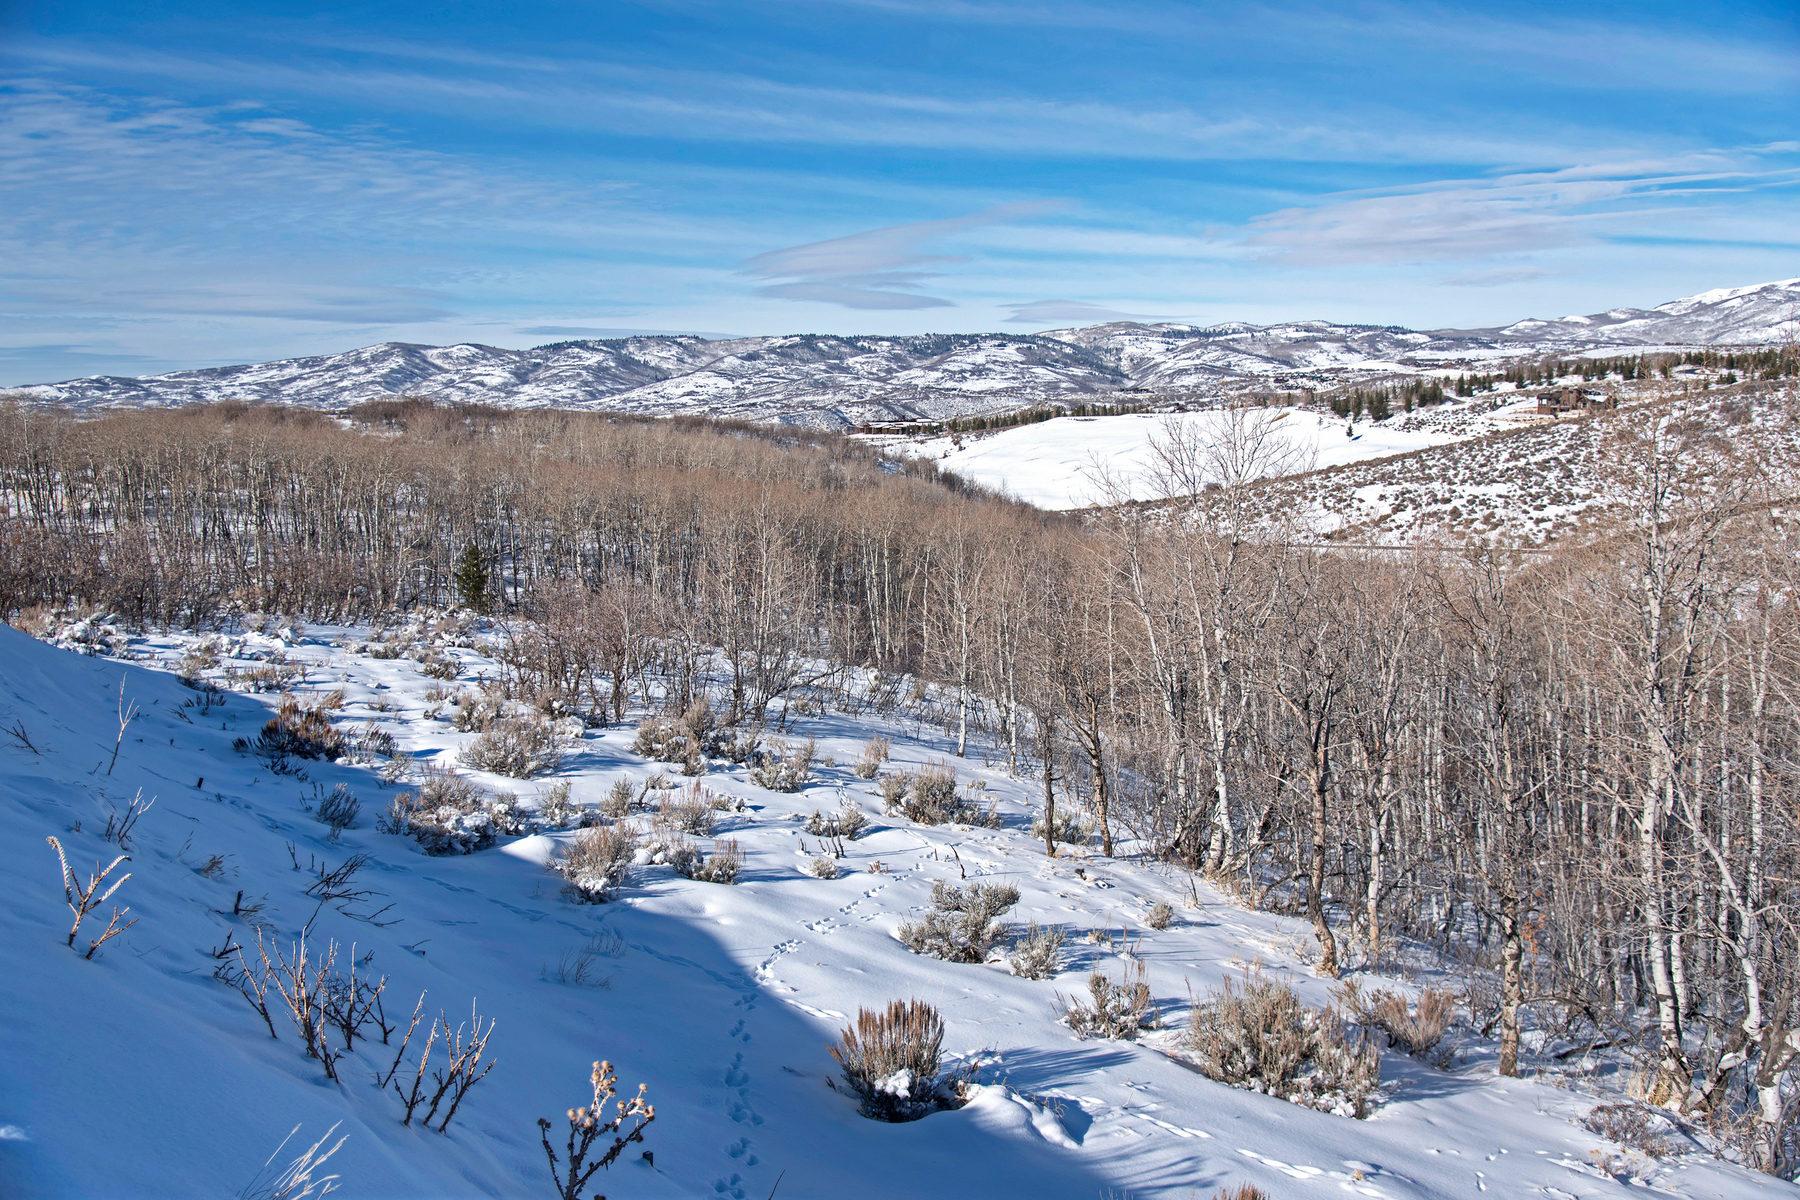 Đất đai vì Bán tại Beautiful Promontory Home Site Among The Aspens 7645 N Promontory Ranch Rd Lot 11 Park City, Utah, 84098 Hoa Kỳ